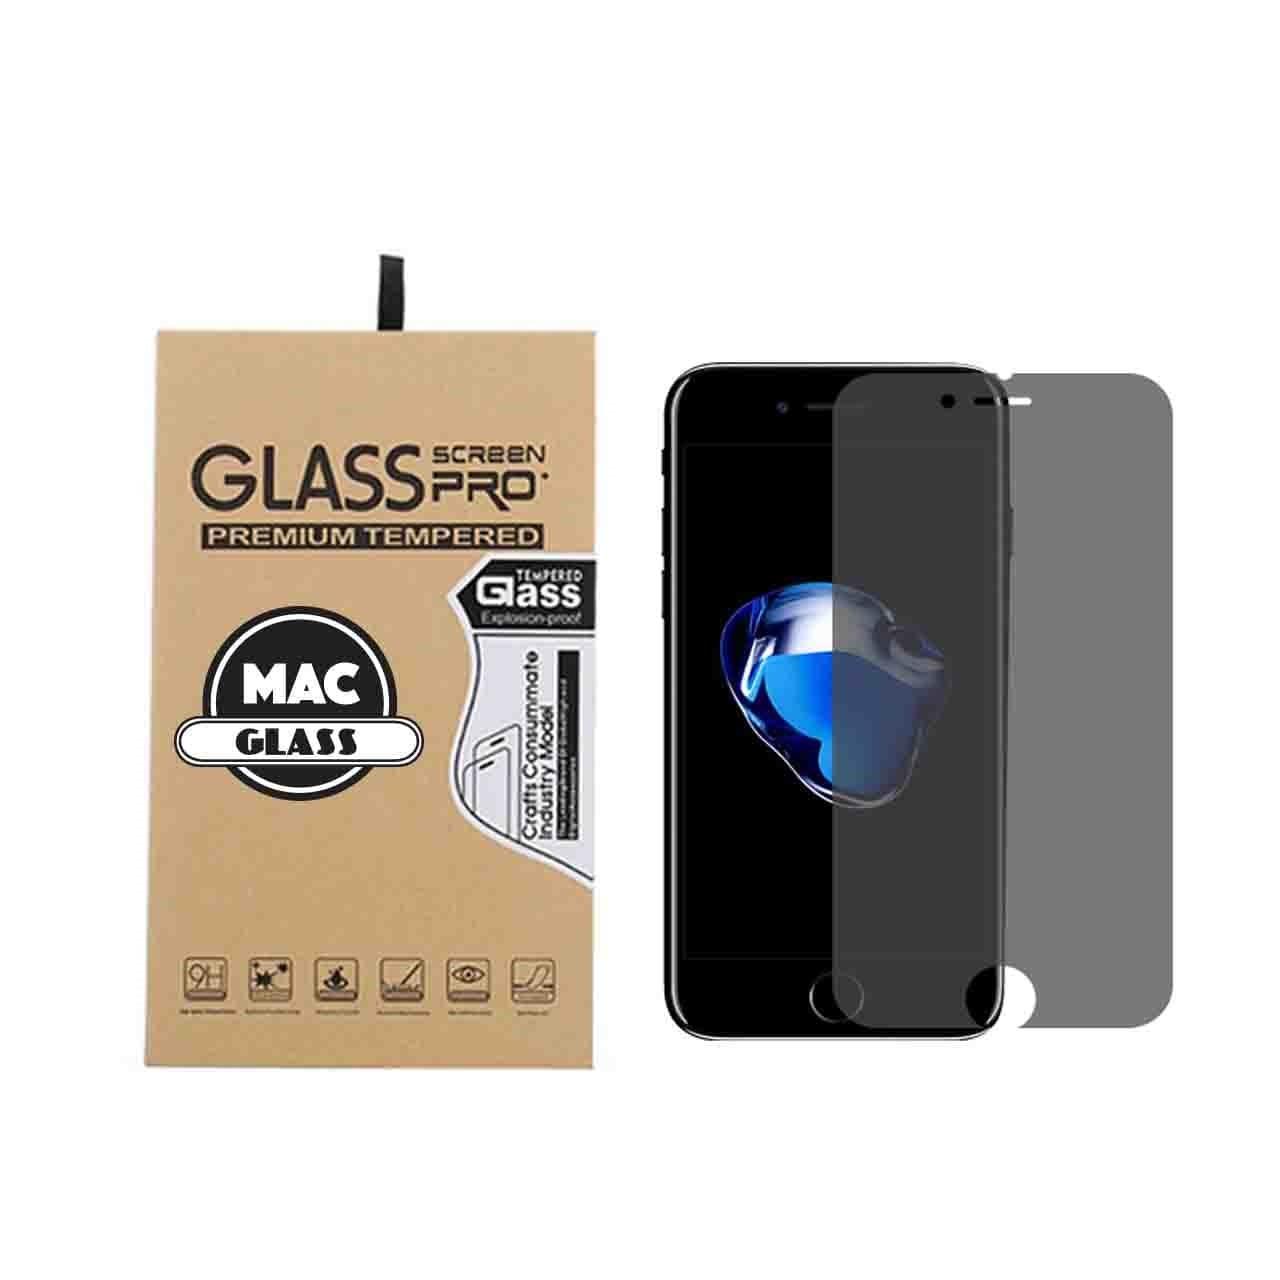 محافظ صفحه نمایش شیشه ای مک گلس مدل 2.5D مناسب برای گوشی آیفون 7 و 8 پلاس